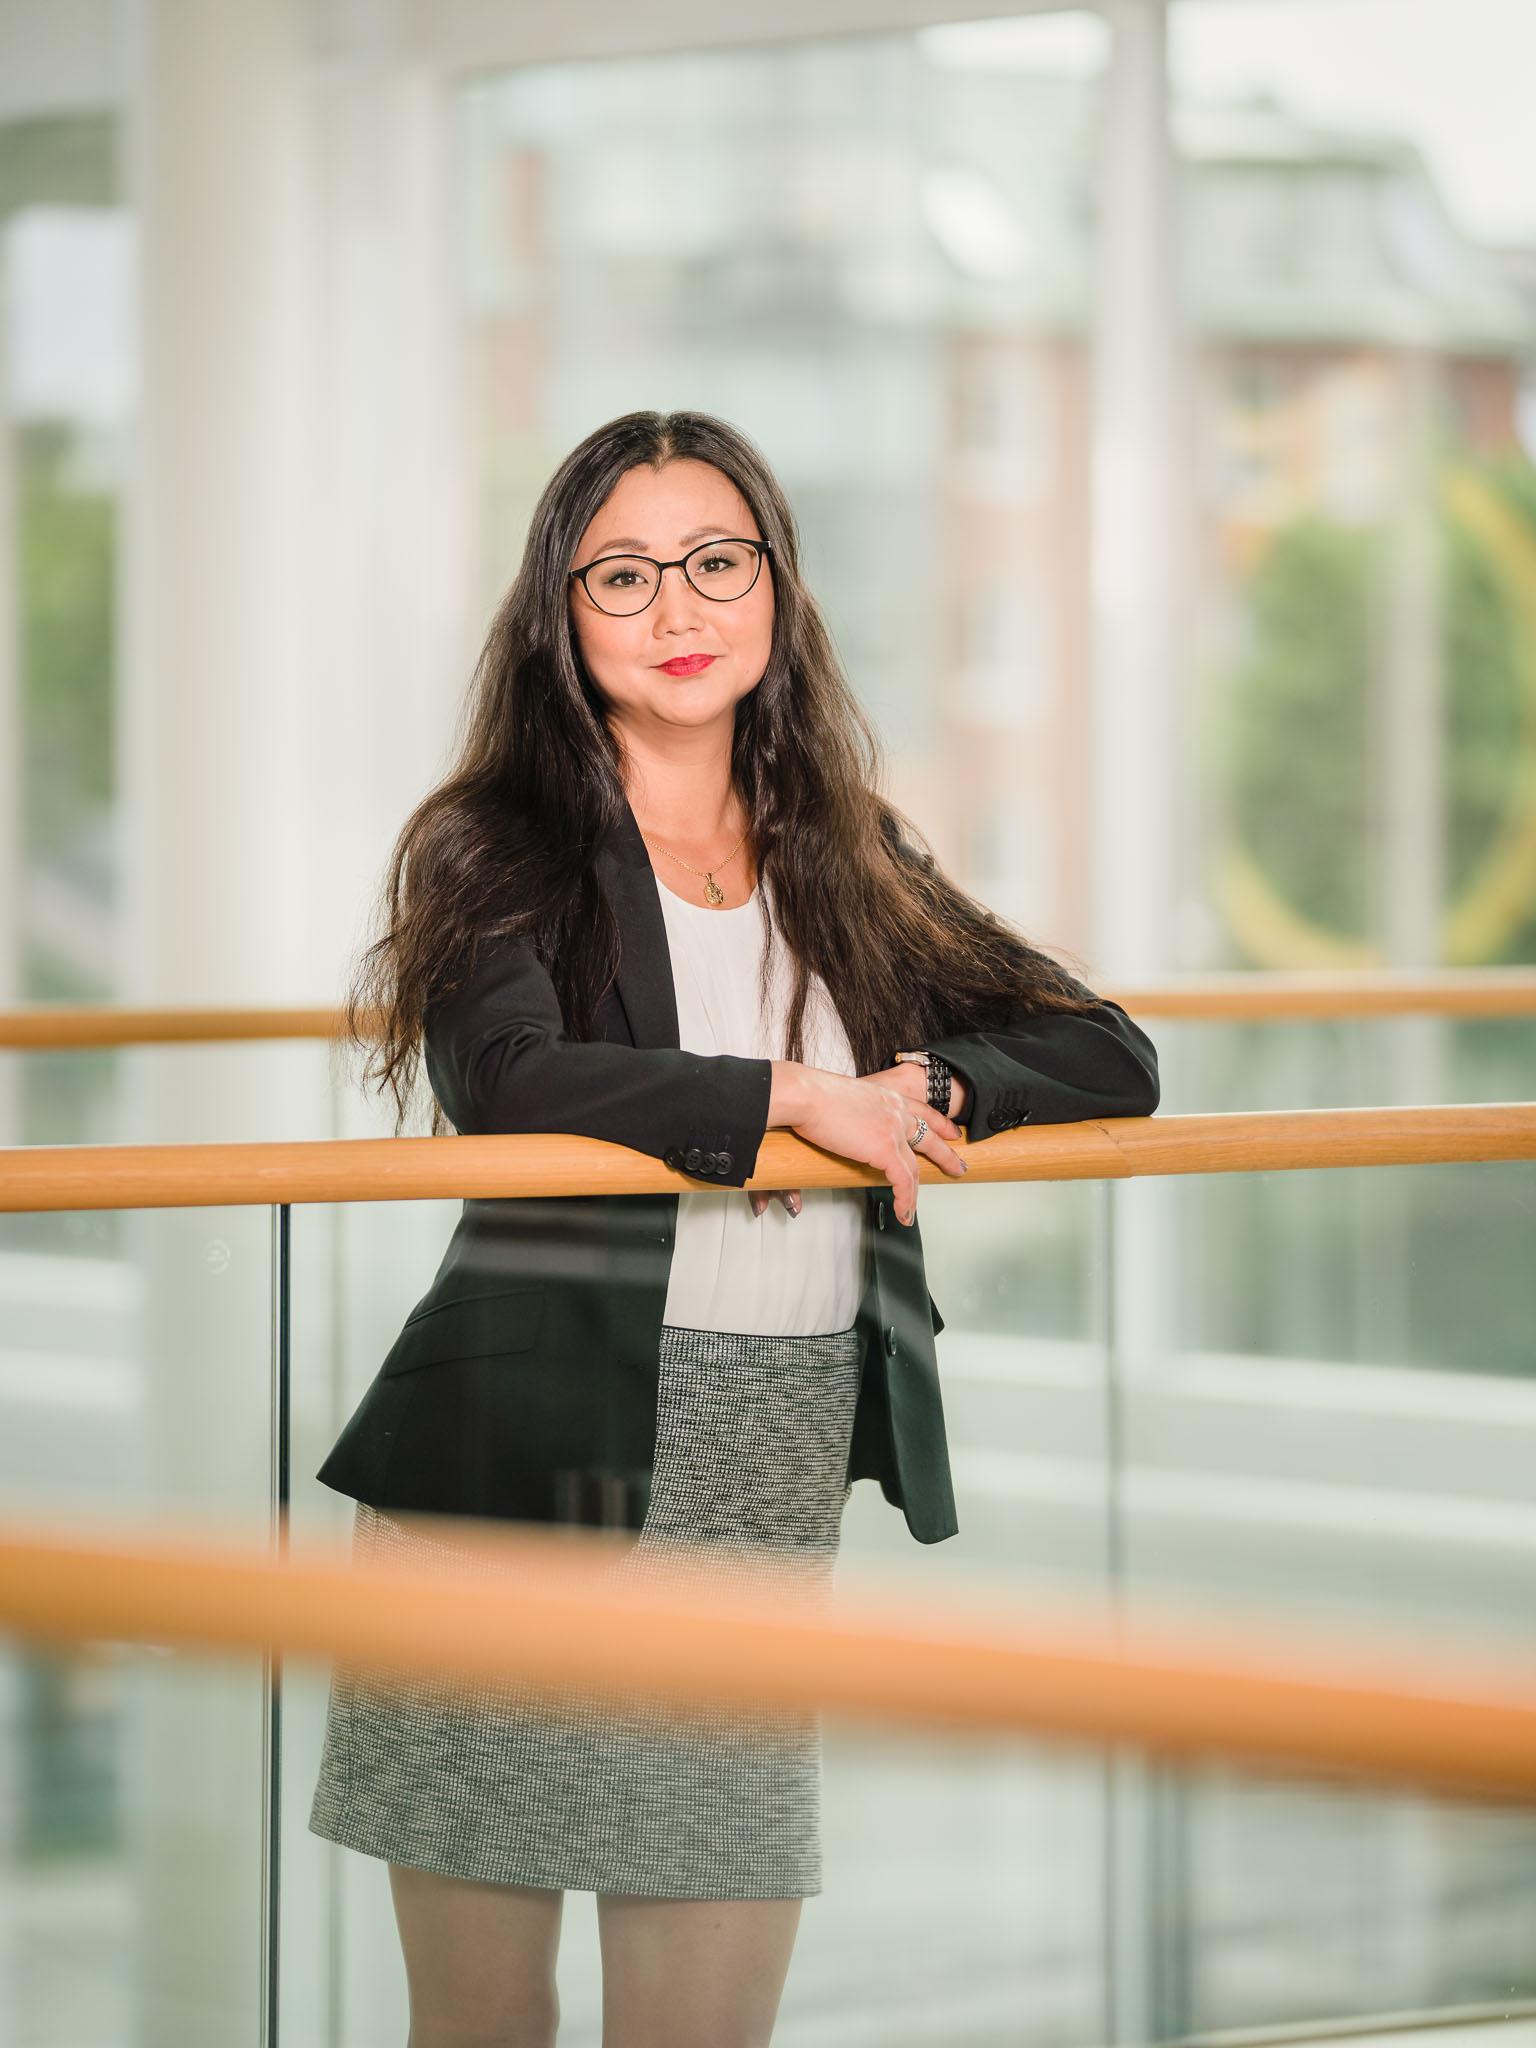 Marie Stenquist, Business portrait, Karlstad, Sweden